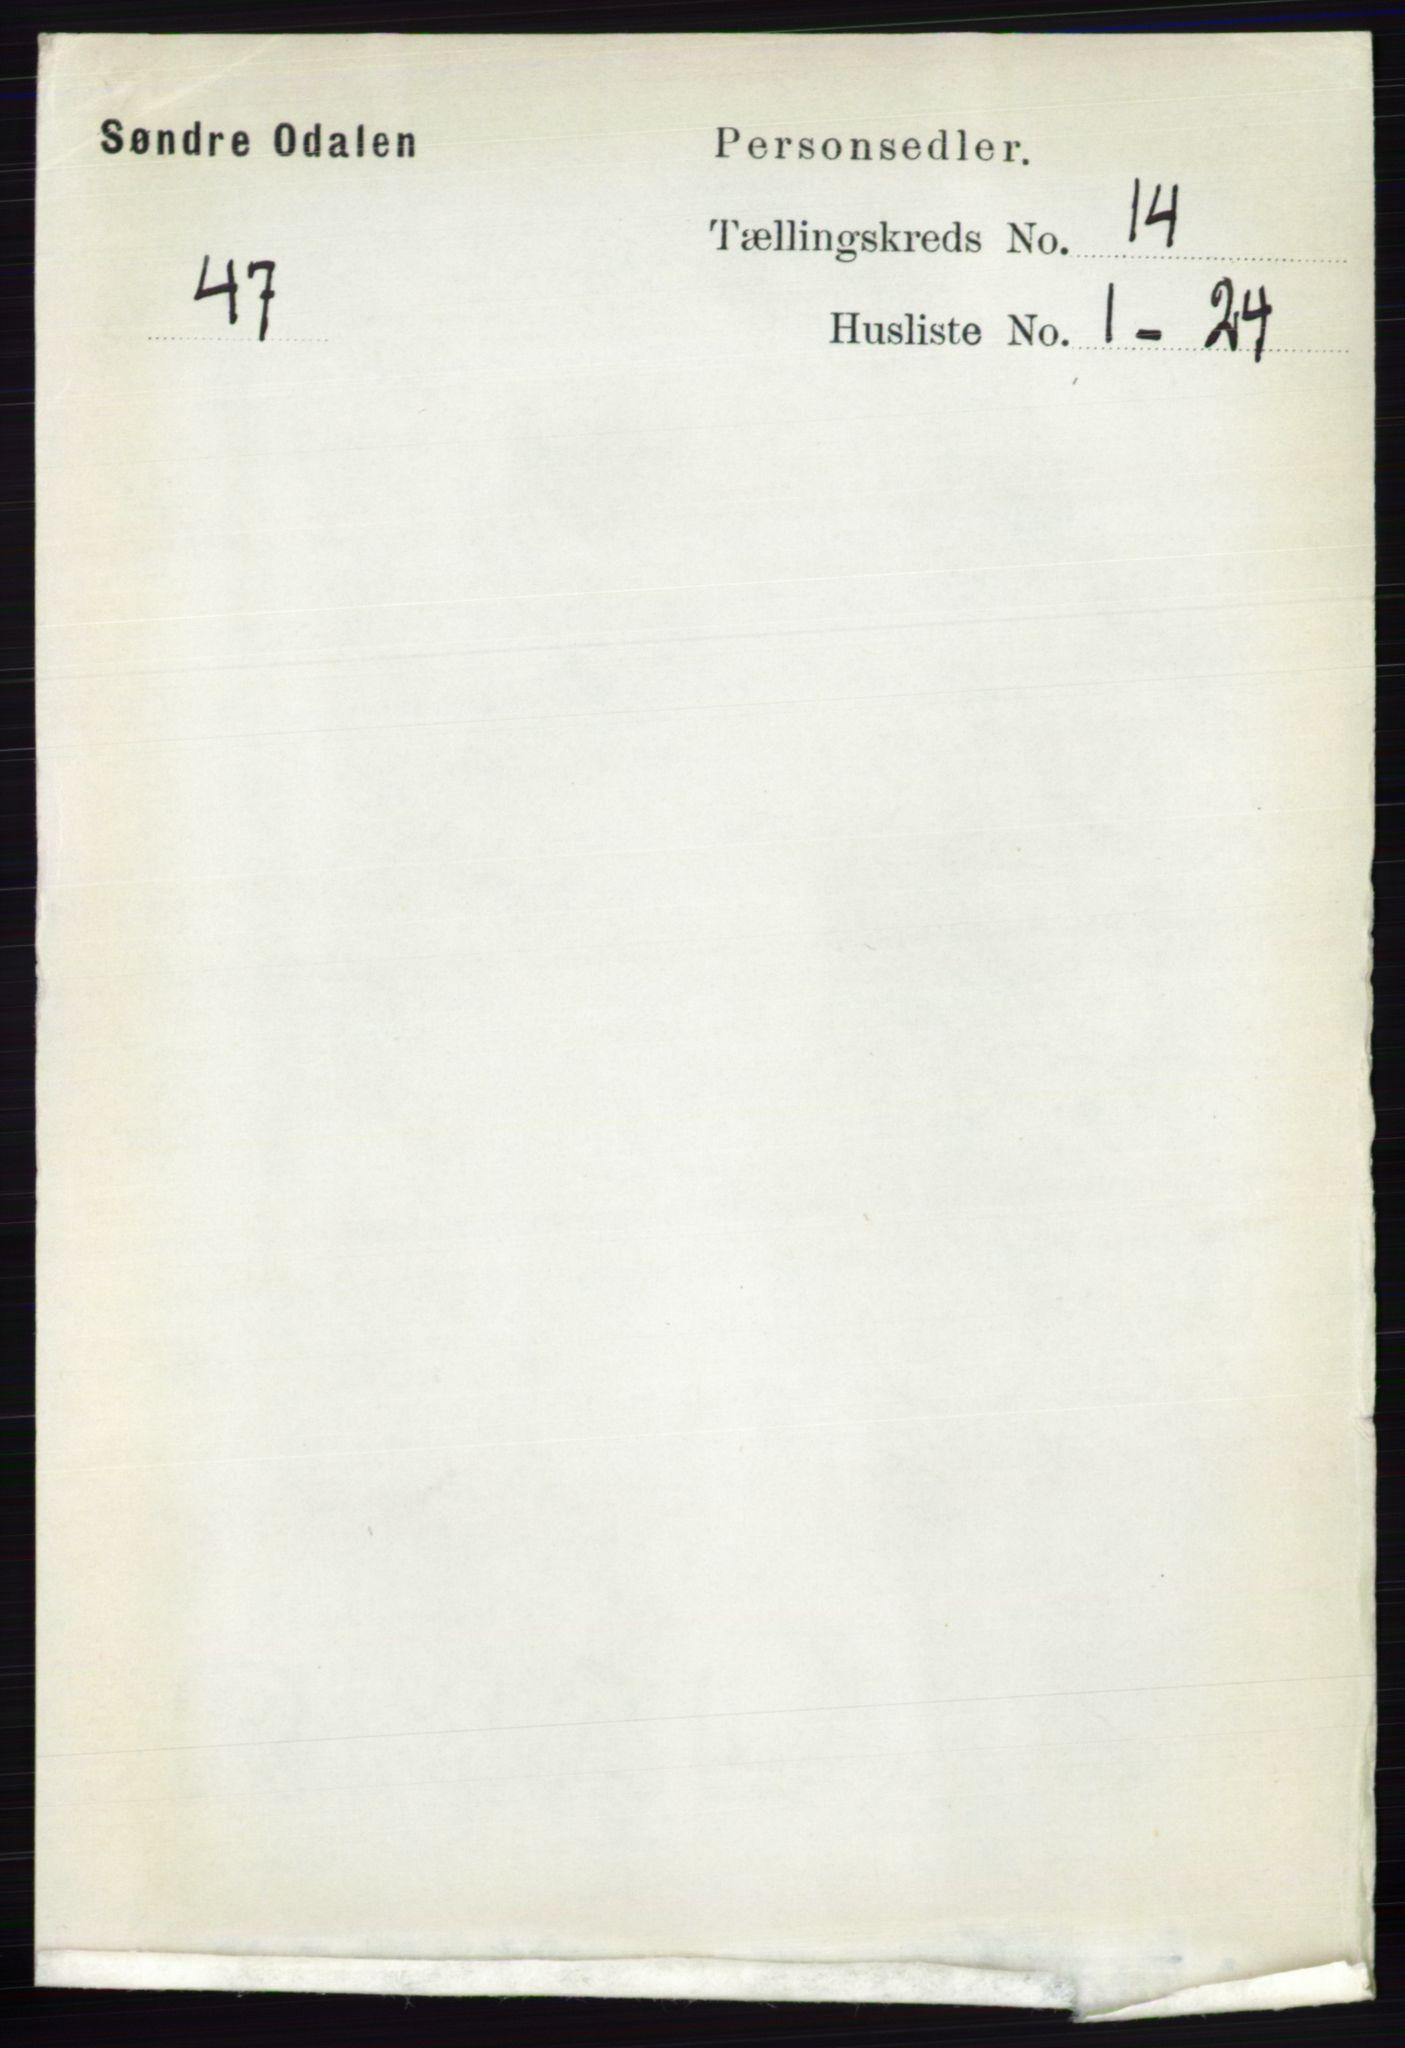 RA, Folketelling 1891 for 0419 Sør-Odal herred, 1891, s. 5984